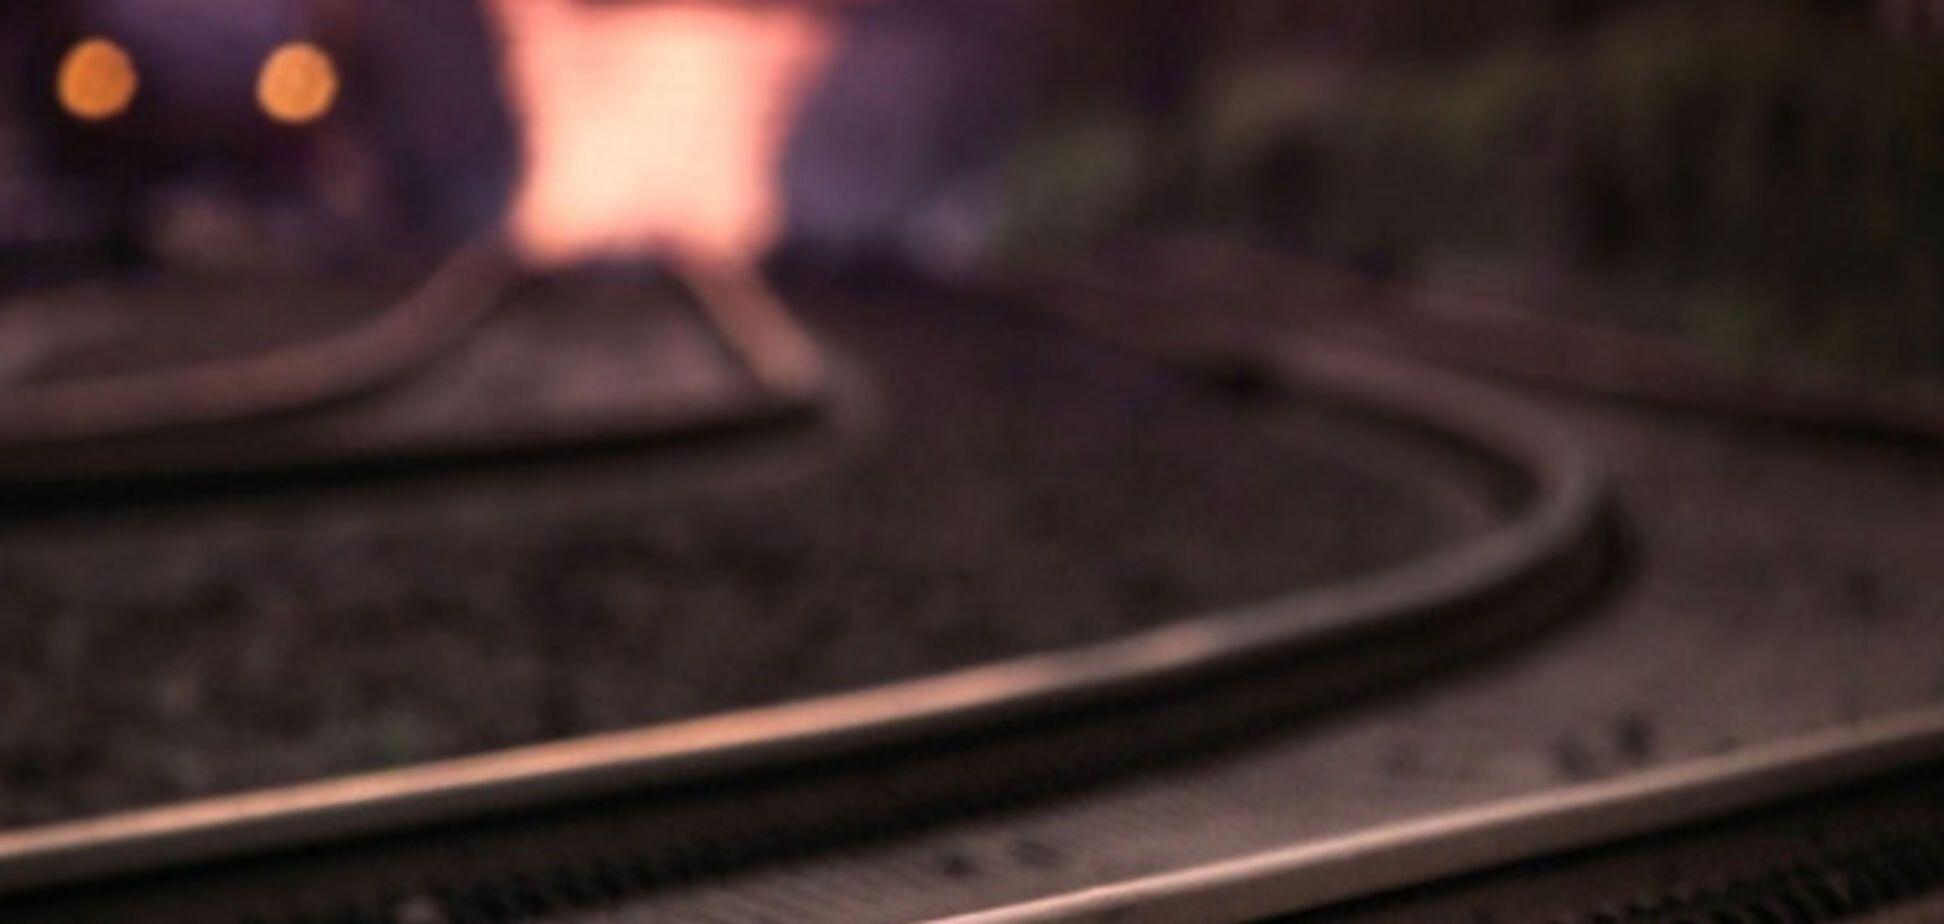 Из-за взрывоопасных предметов в области пришлось останавливать поезда